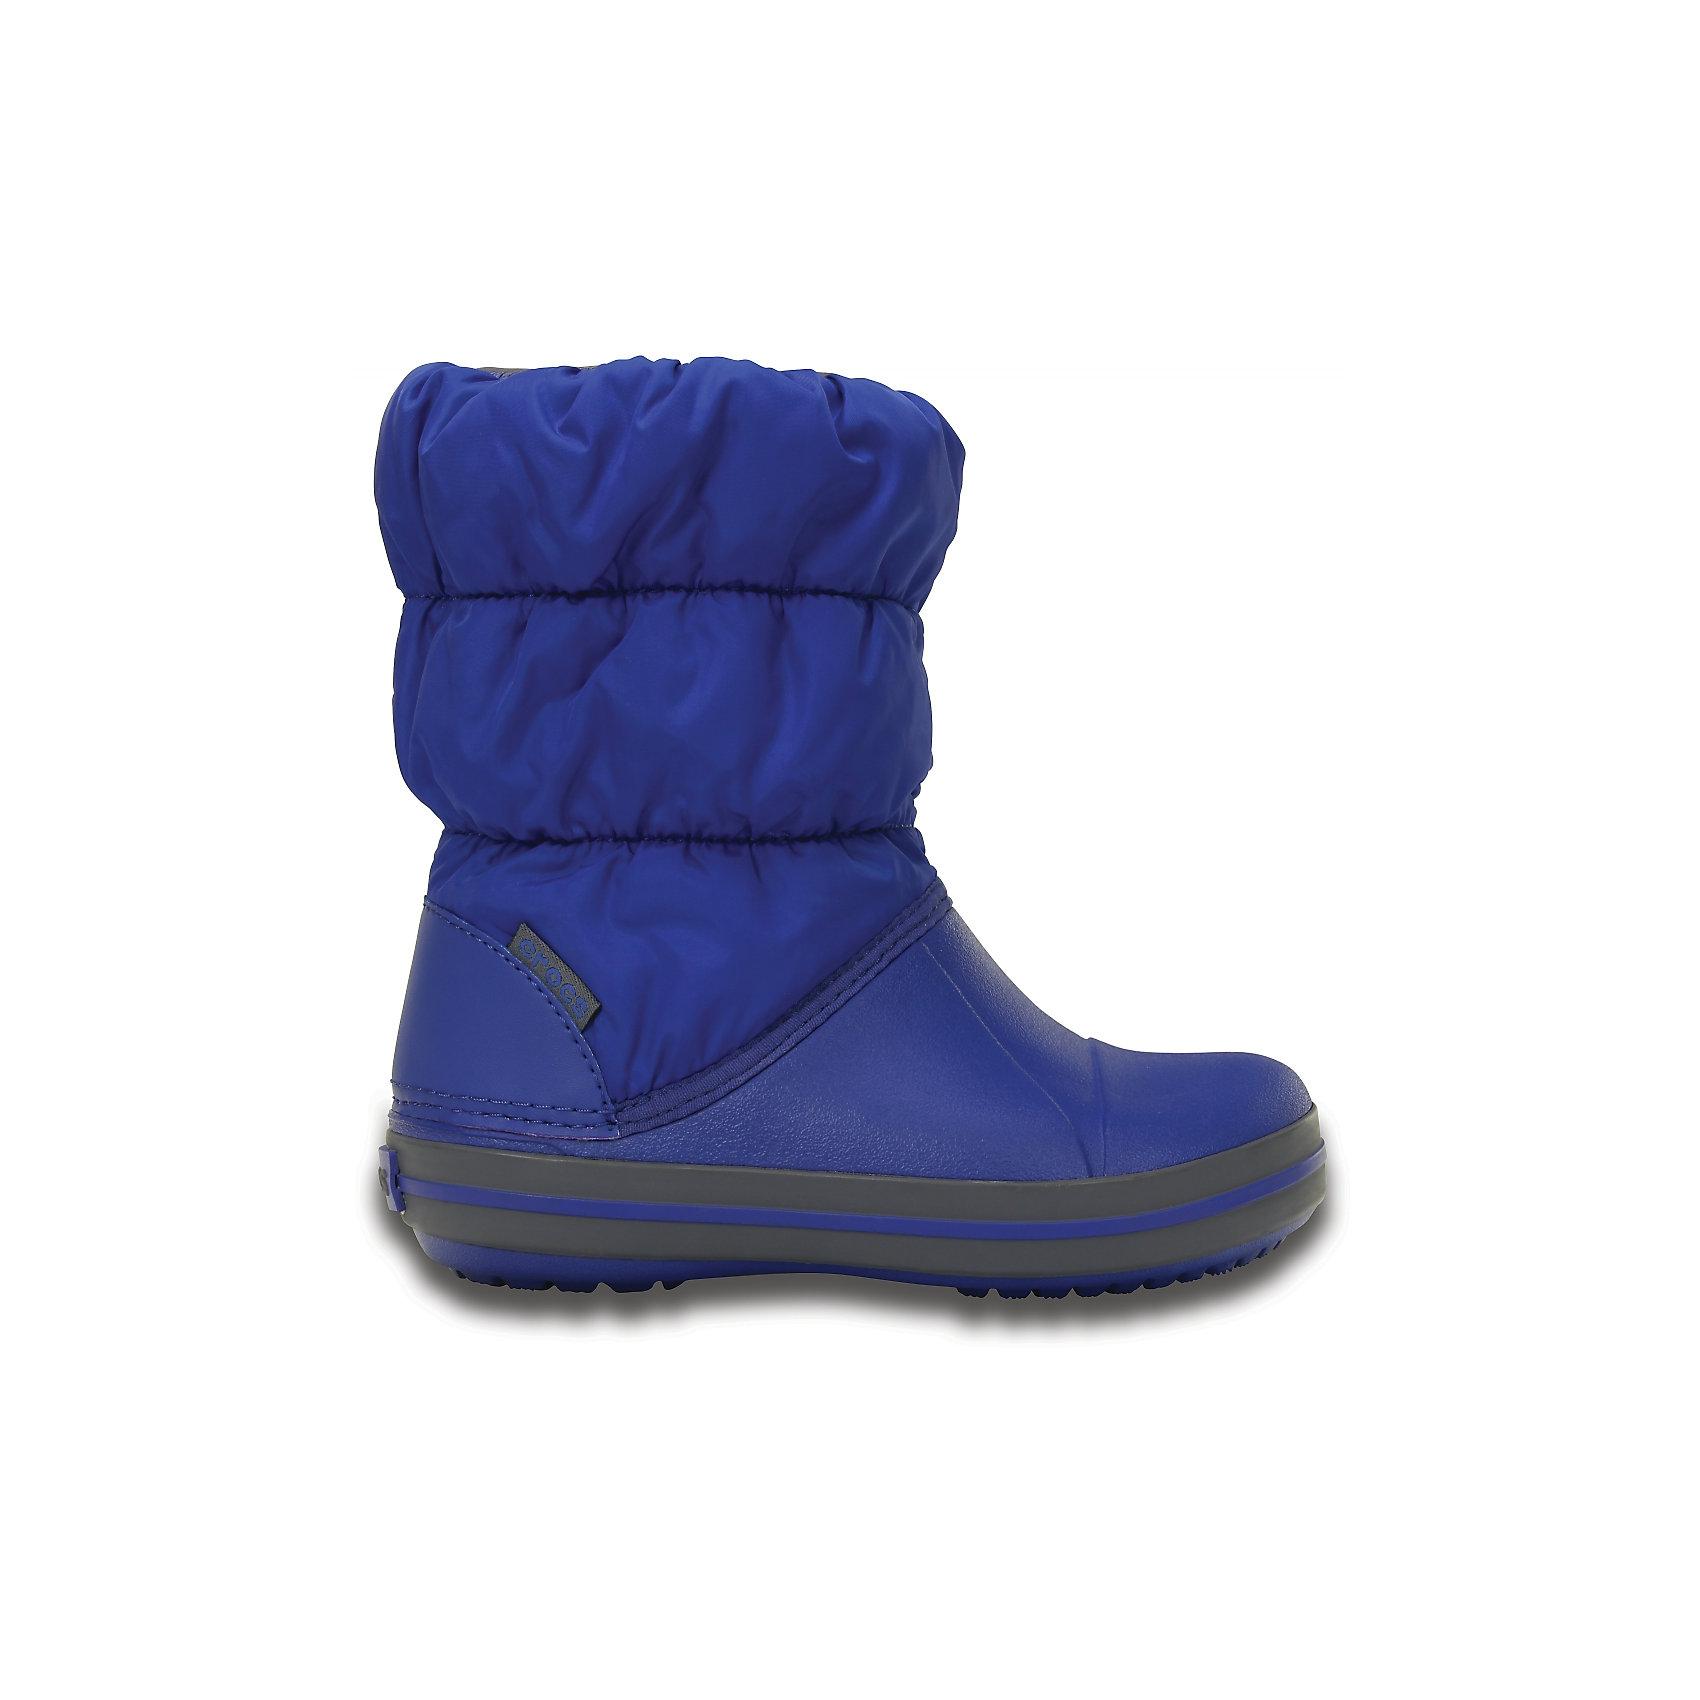 crocs Сапоги Winter Puff для мальчика CROCS купить crocs в америке с доставкой в россию